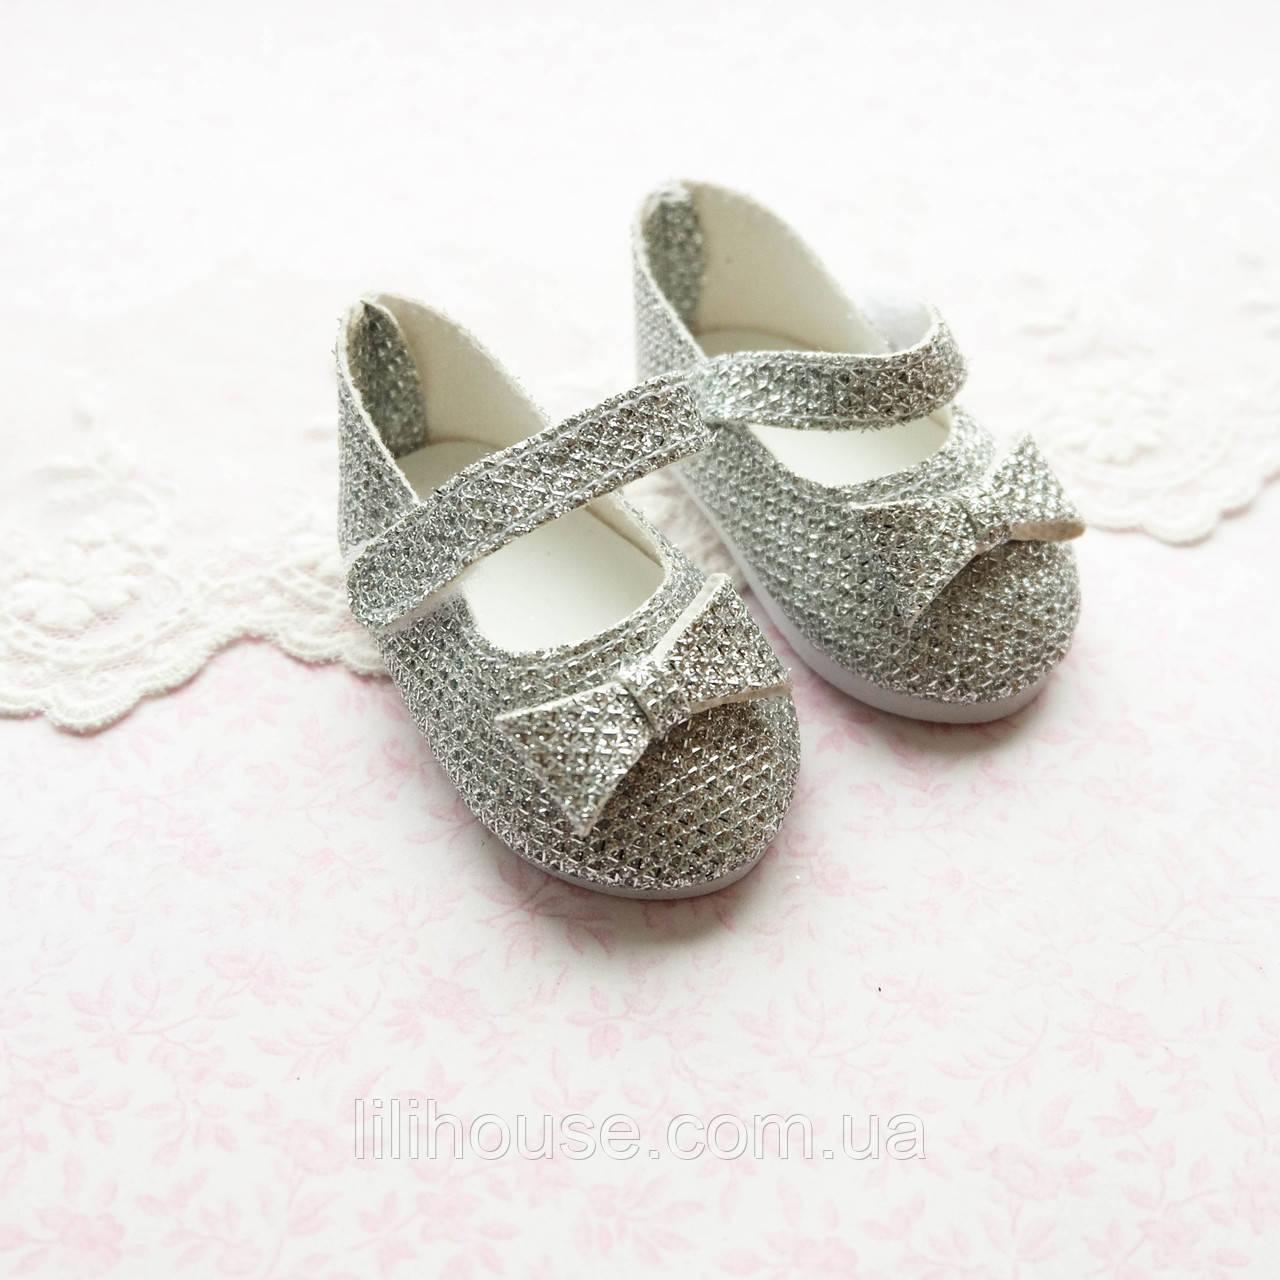 Обувь для кукол Туфельки Фактура 7*3.5 см СЕРЕБРО